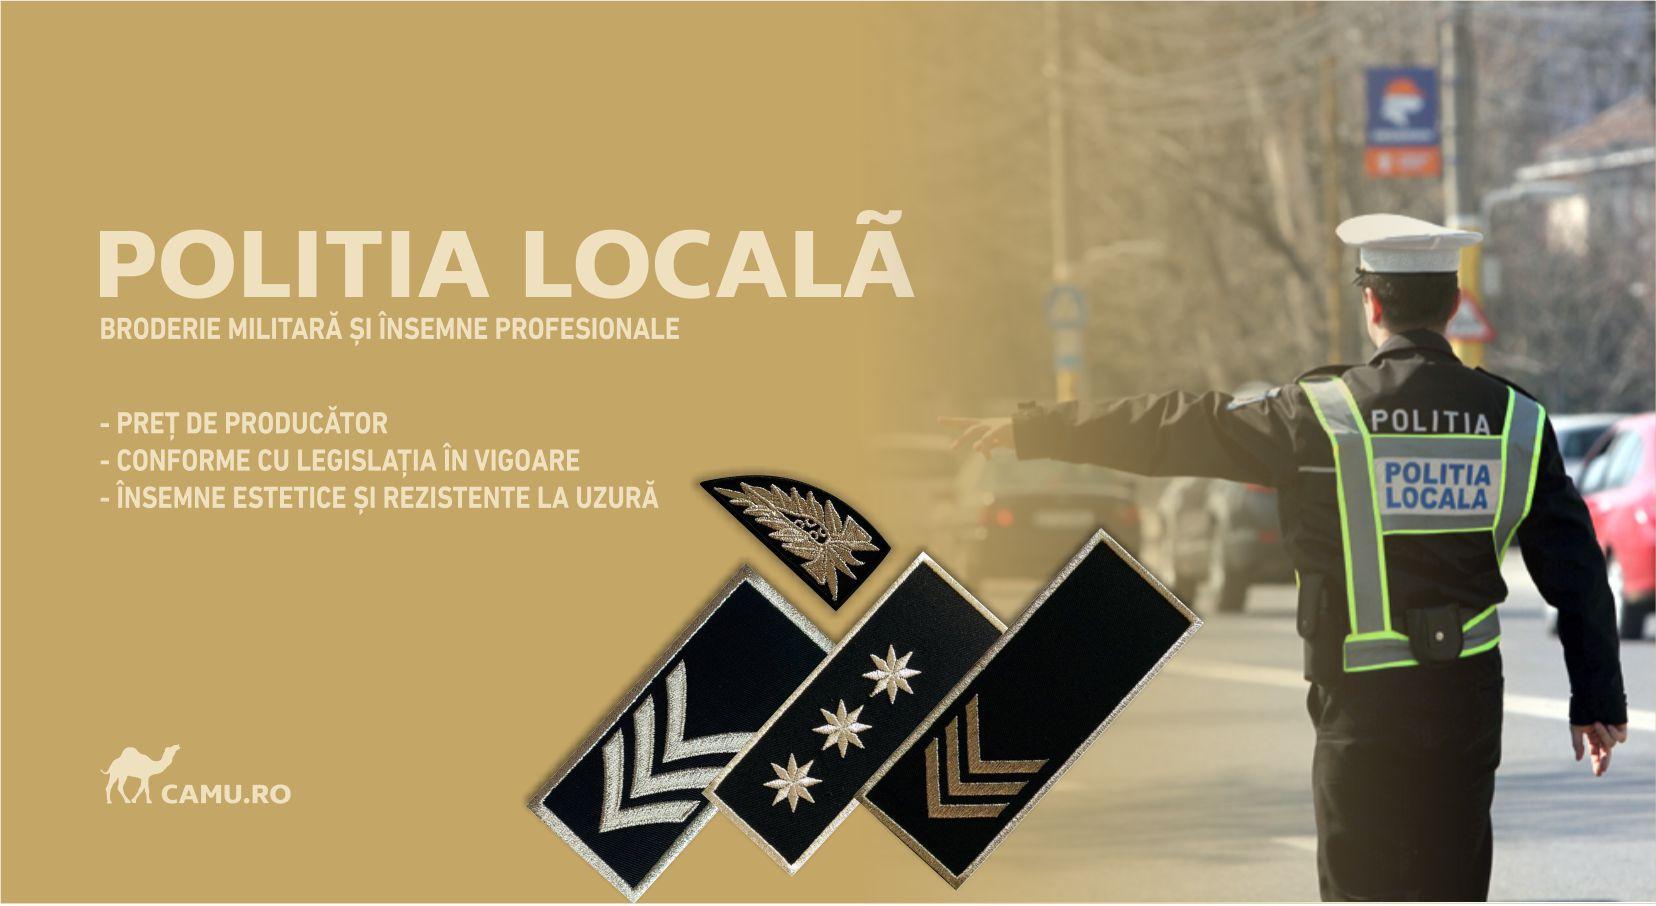 Grade Militare Poliția Locală de vânzare | Embleme Poliția Locală | Petlițe | Ecusoane | Nominale și alte însemne distinctive pentru uniforma Poliția Locală. *Conforme cu legislația în vigoare.